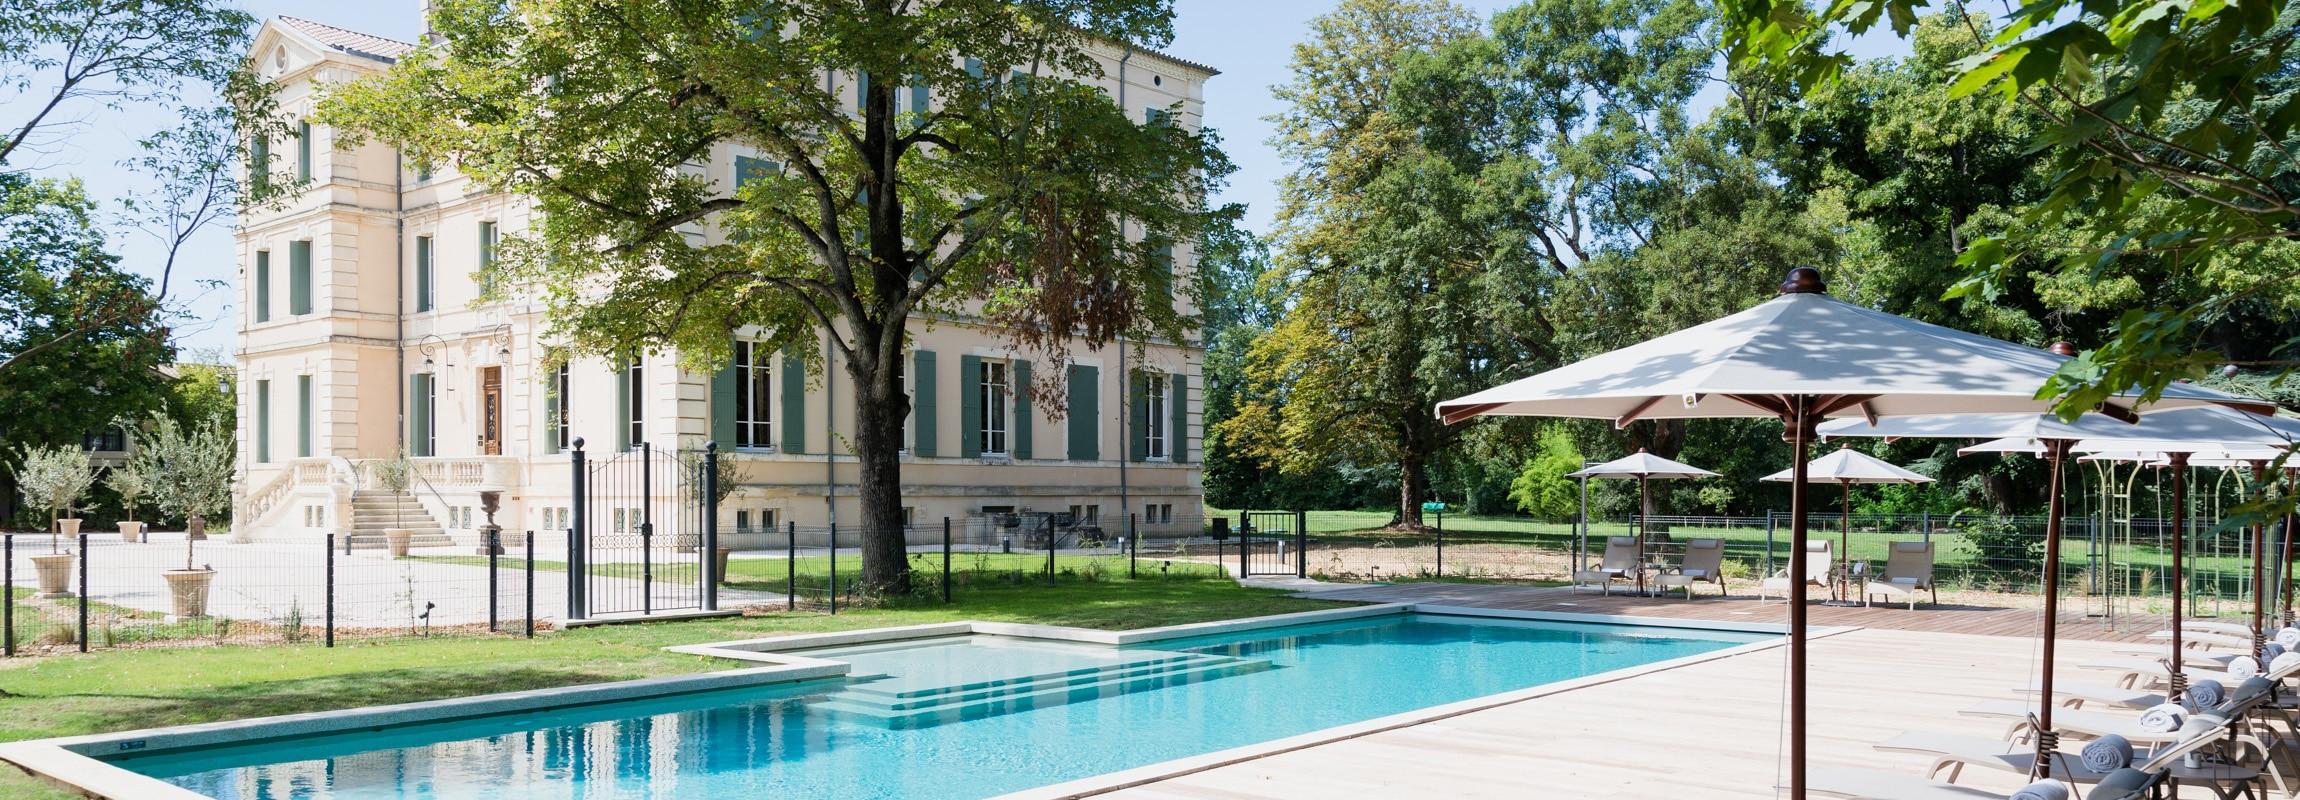 La piscine du Château de Montcaud est située au bout de chemin principal qui traverse la proprété de l'hôtel.